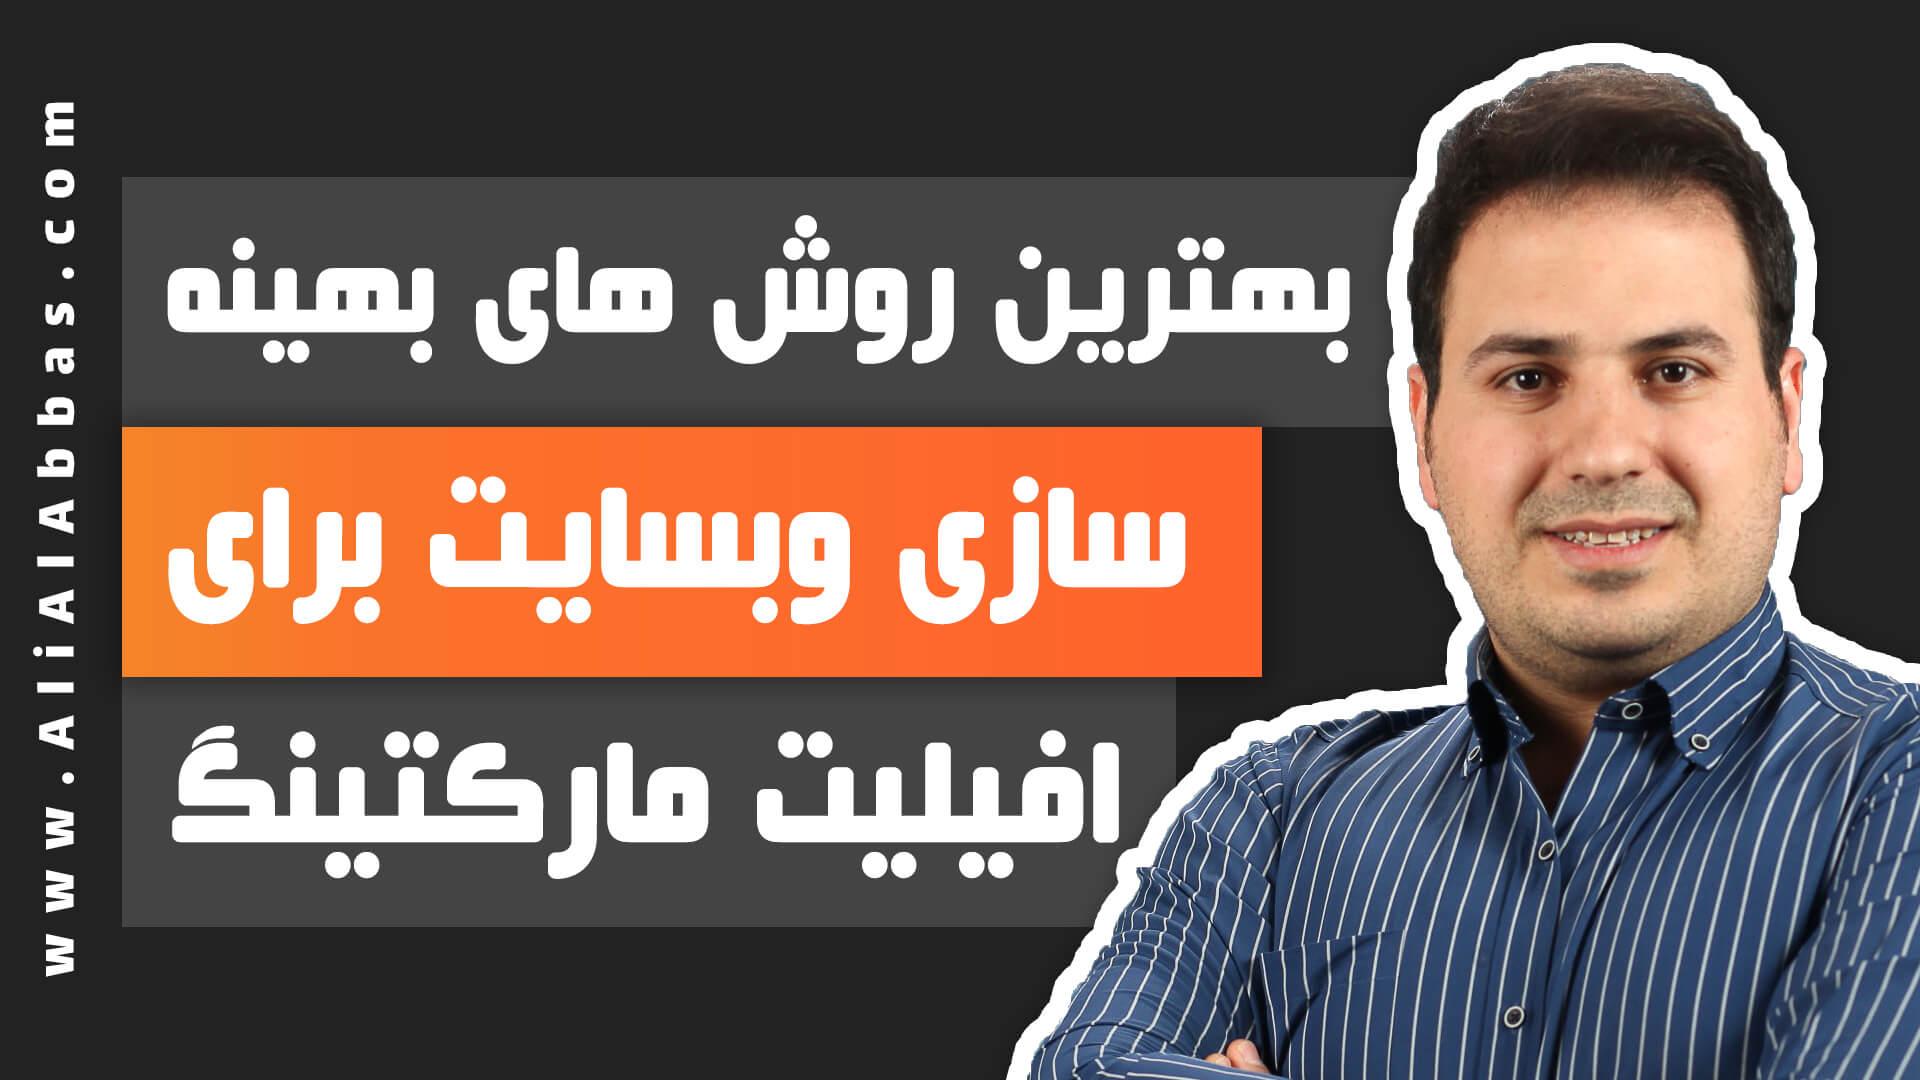 علی آل عباس - بهترین روش های بهینه سازی وبسایت برای افیلیت مارکتینگ